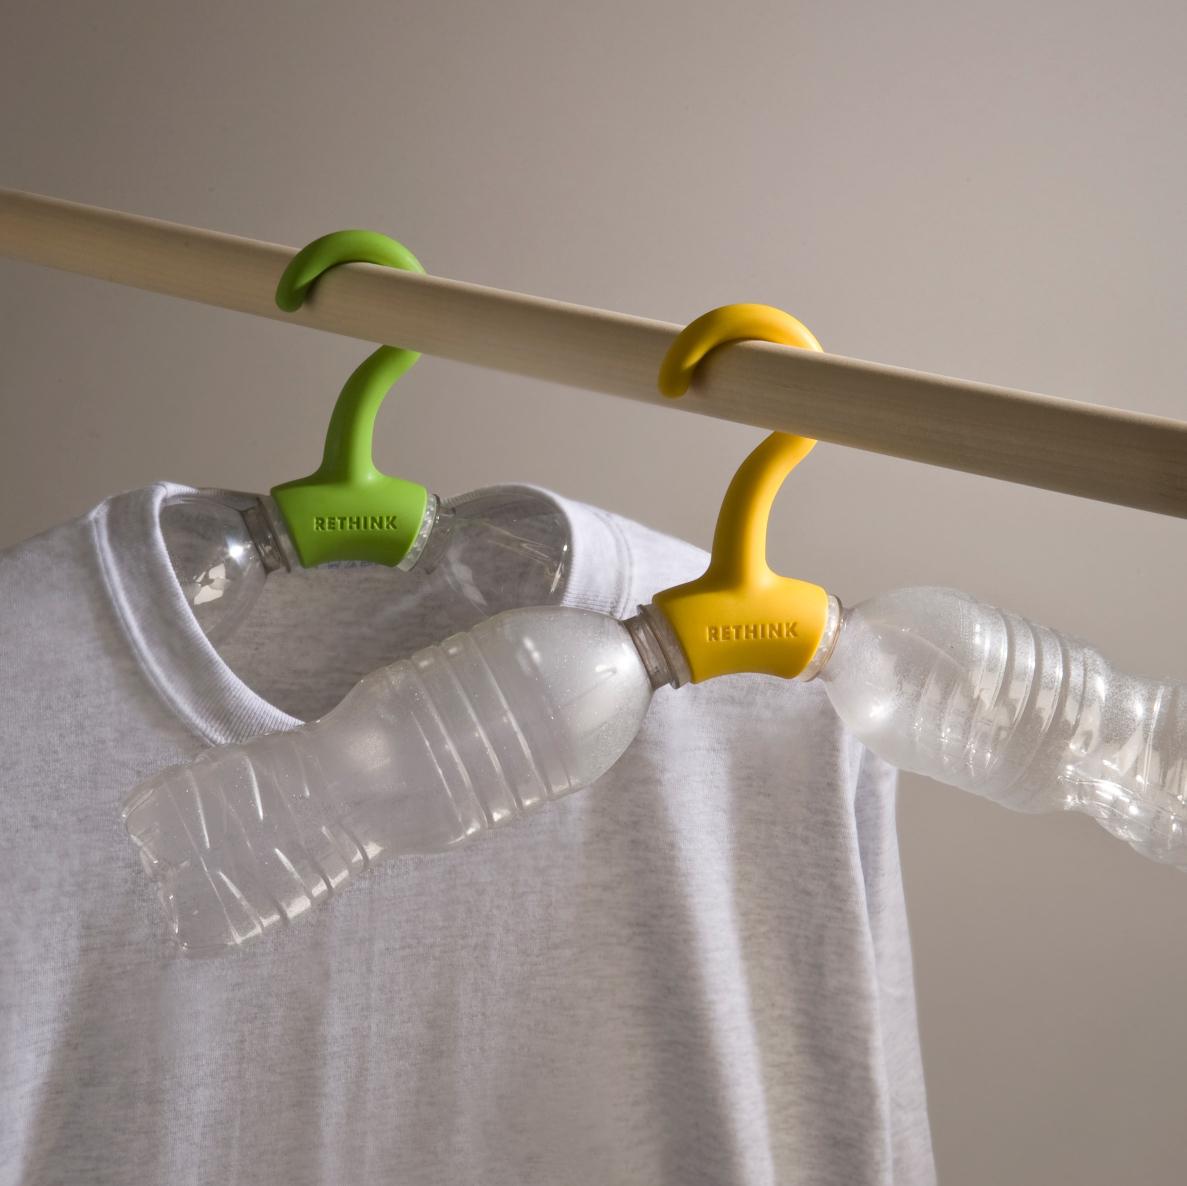 rethink-hanger.jpg